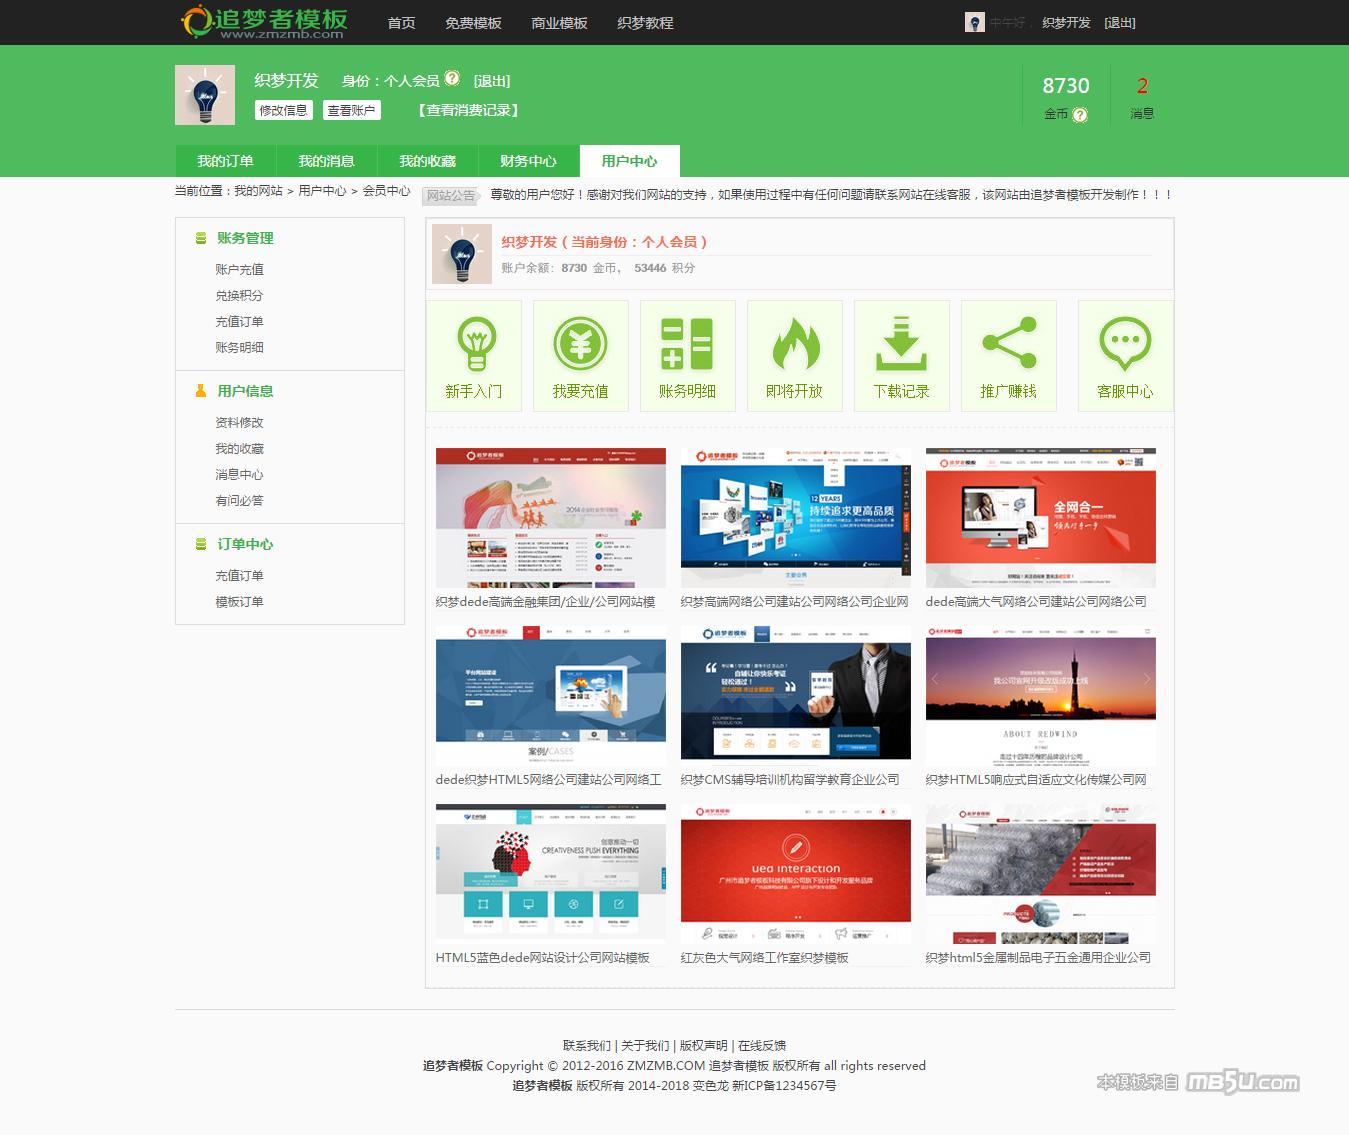 织梦dede网页模板下载源码素材销售下载站平台网站